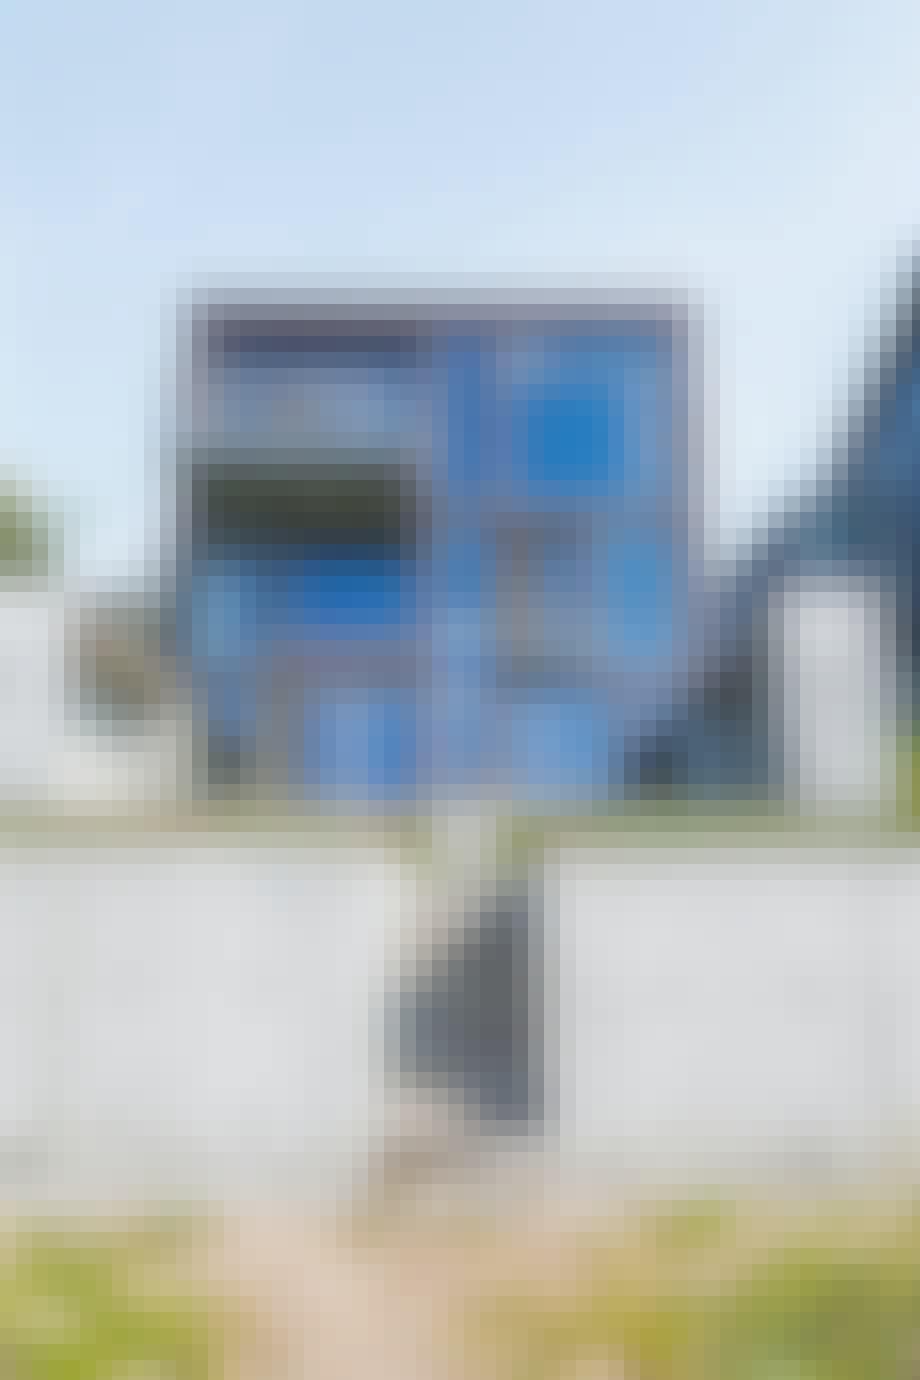 Arkitekttegnet hus teglsten beton Flensborg Fjord tre etager